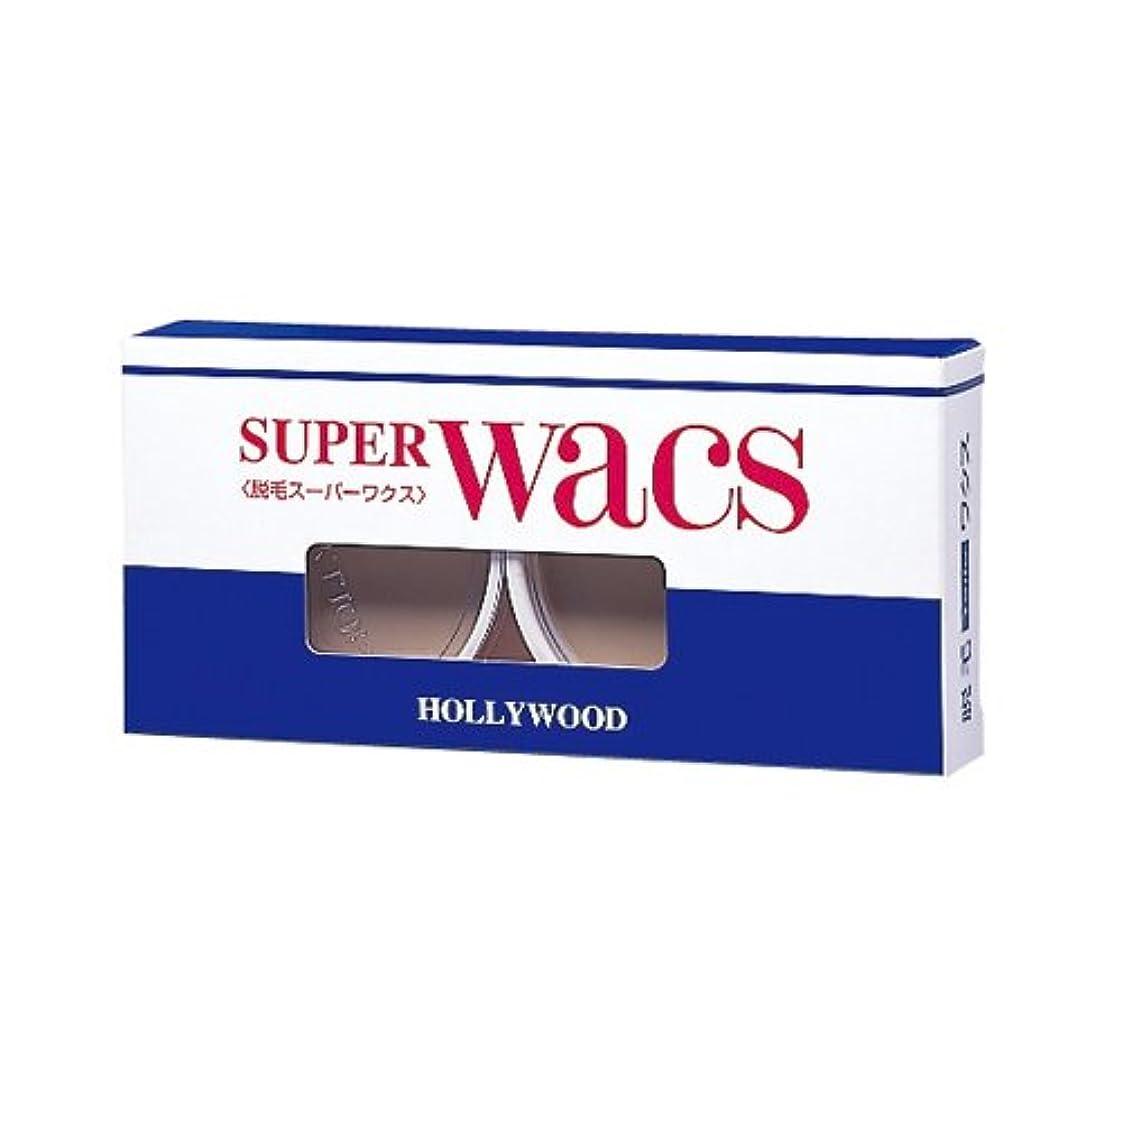 列車テーブル思春期のハリウッド 脱毛スーパーワクス (強力) (50g × 2)